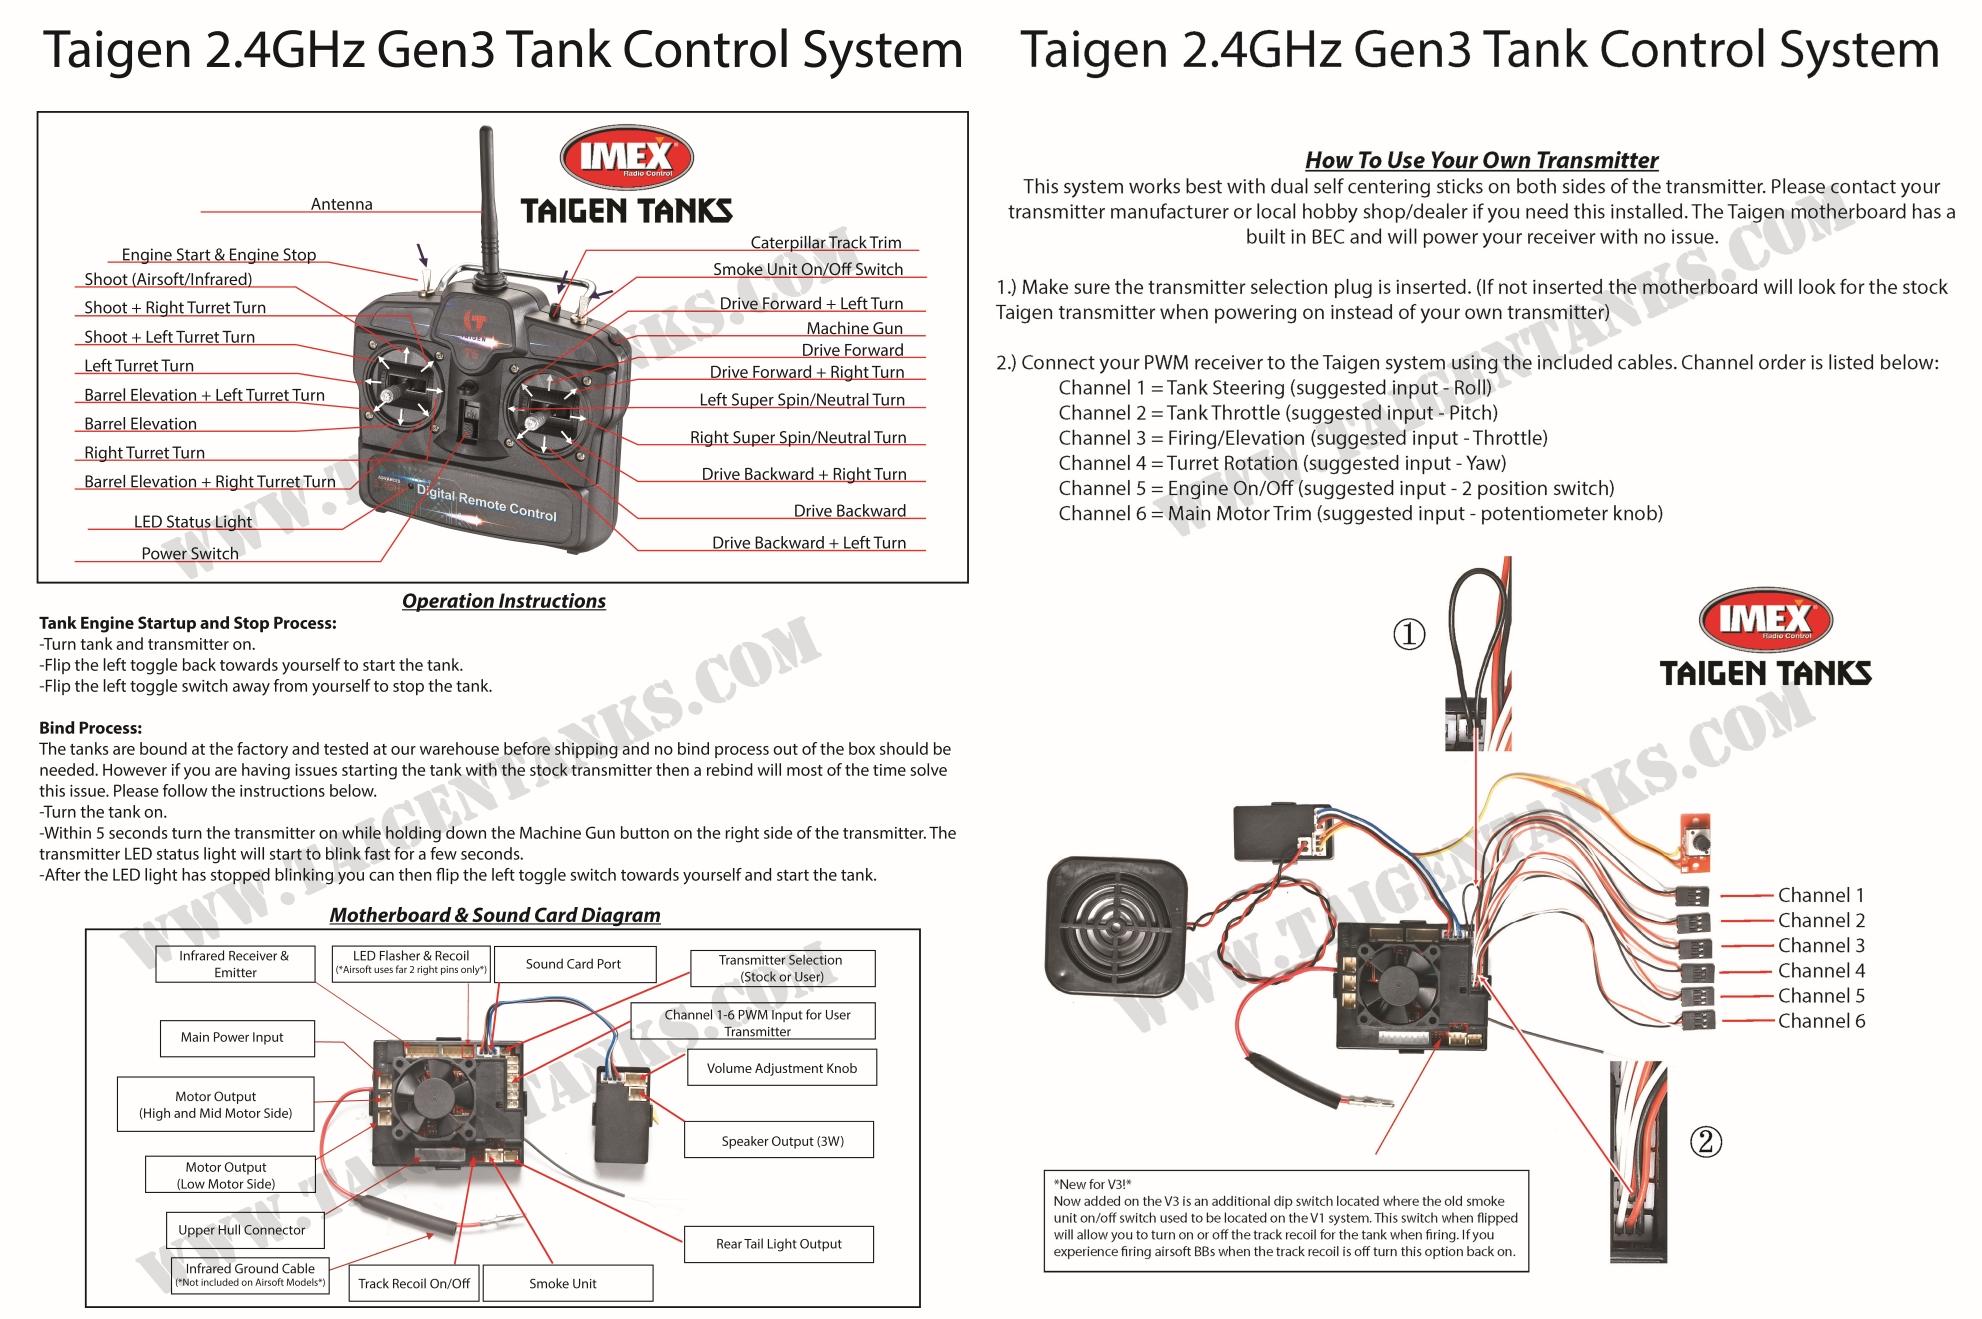 TAG120605 V3 Instructions.jpg